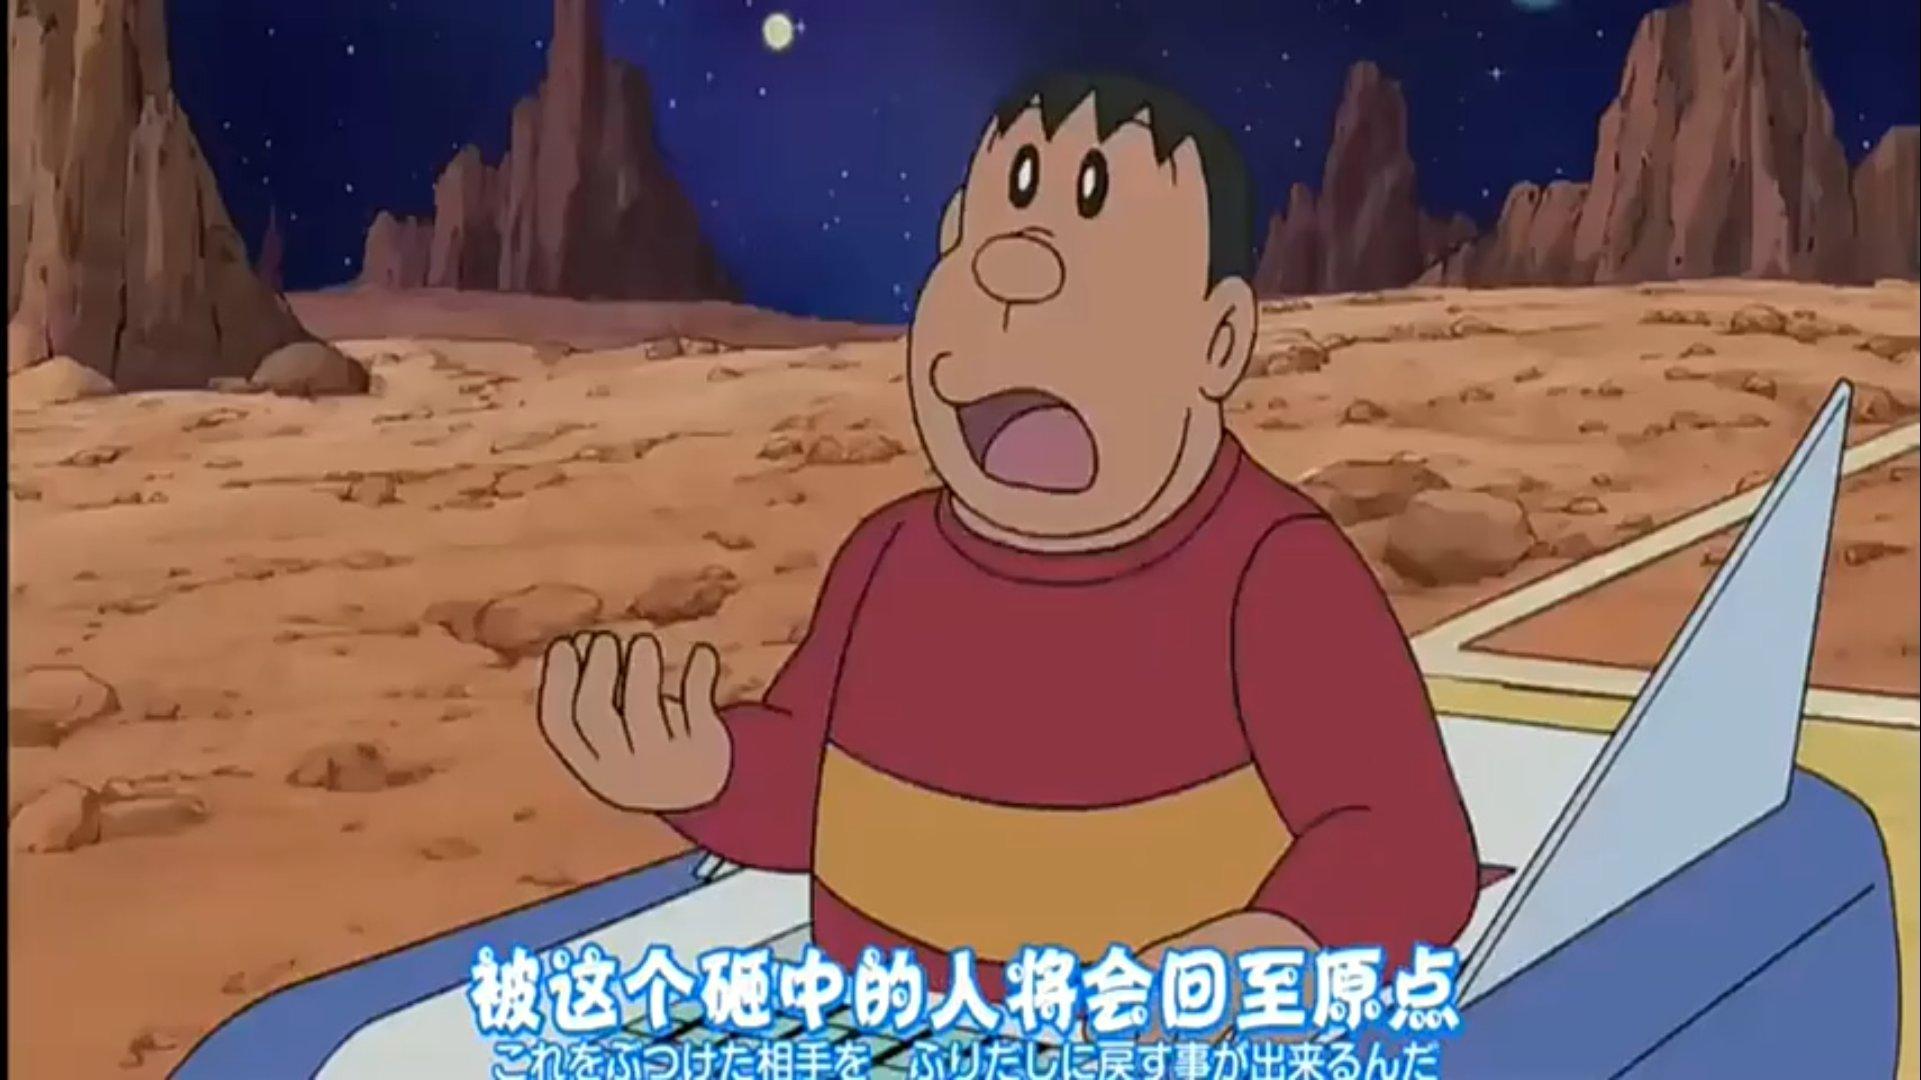 【视频】哆啦A梦:胖虎被击中,返回到起点,太解气了!